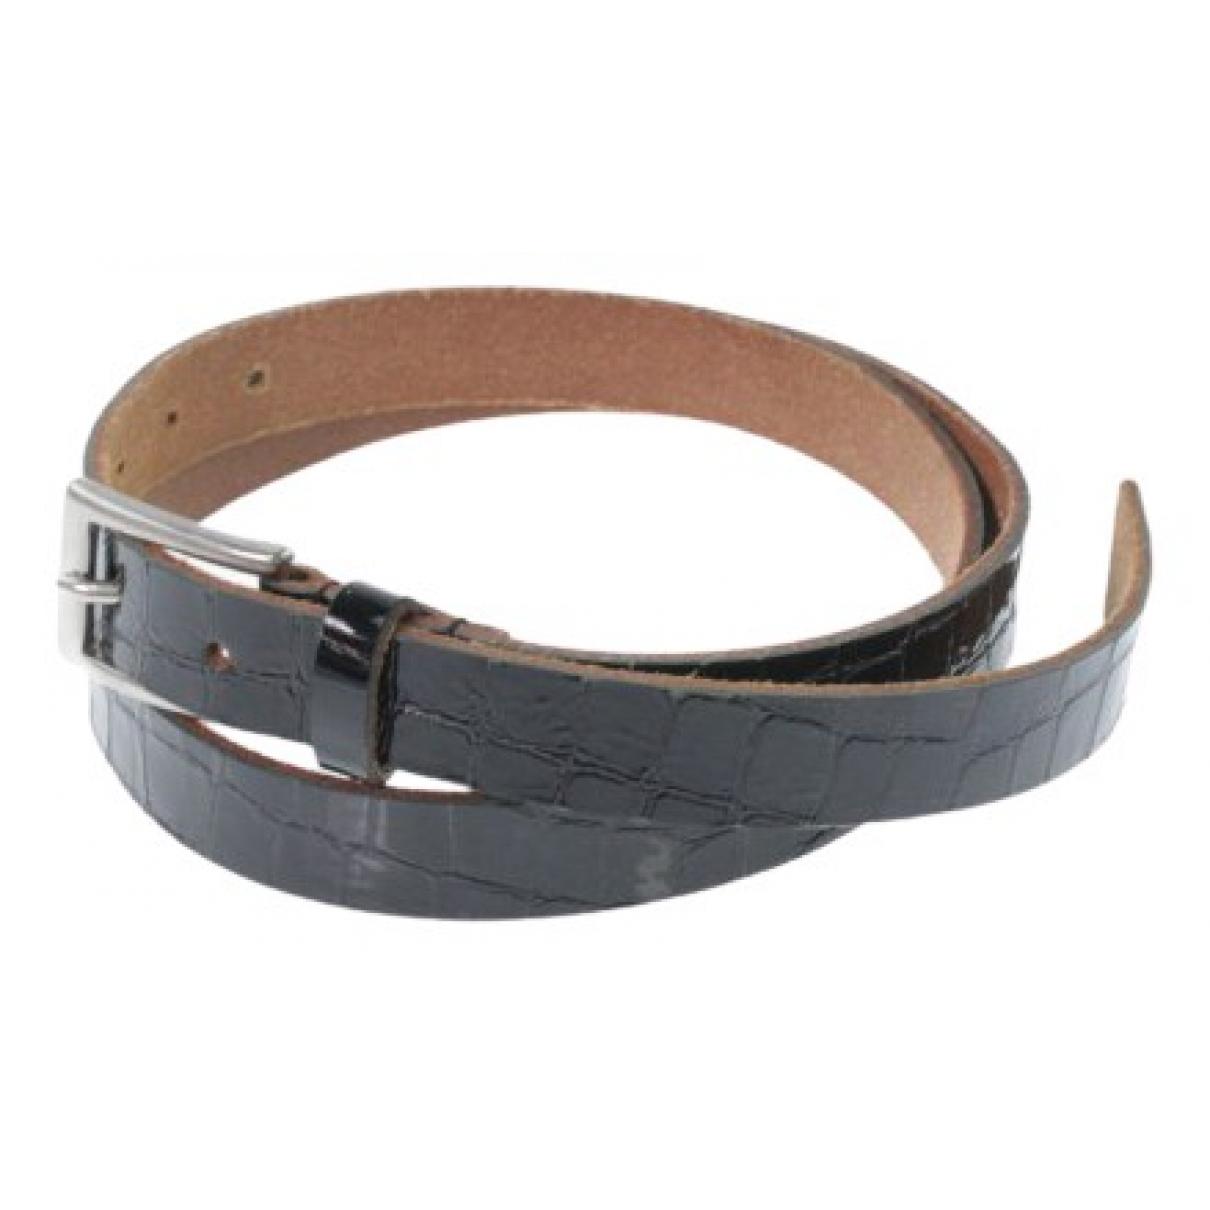 Cinturon de Cuero Junya Watanabe